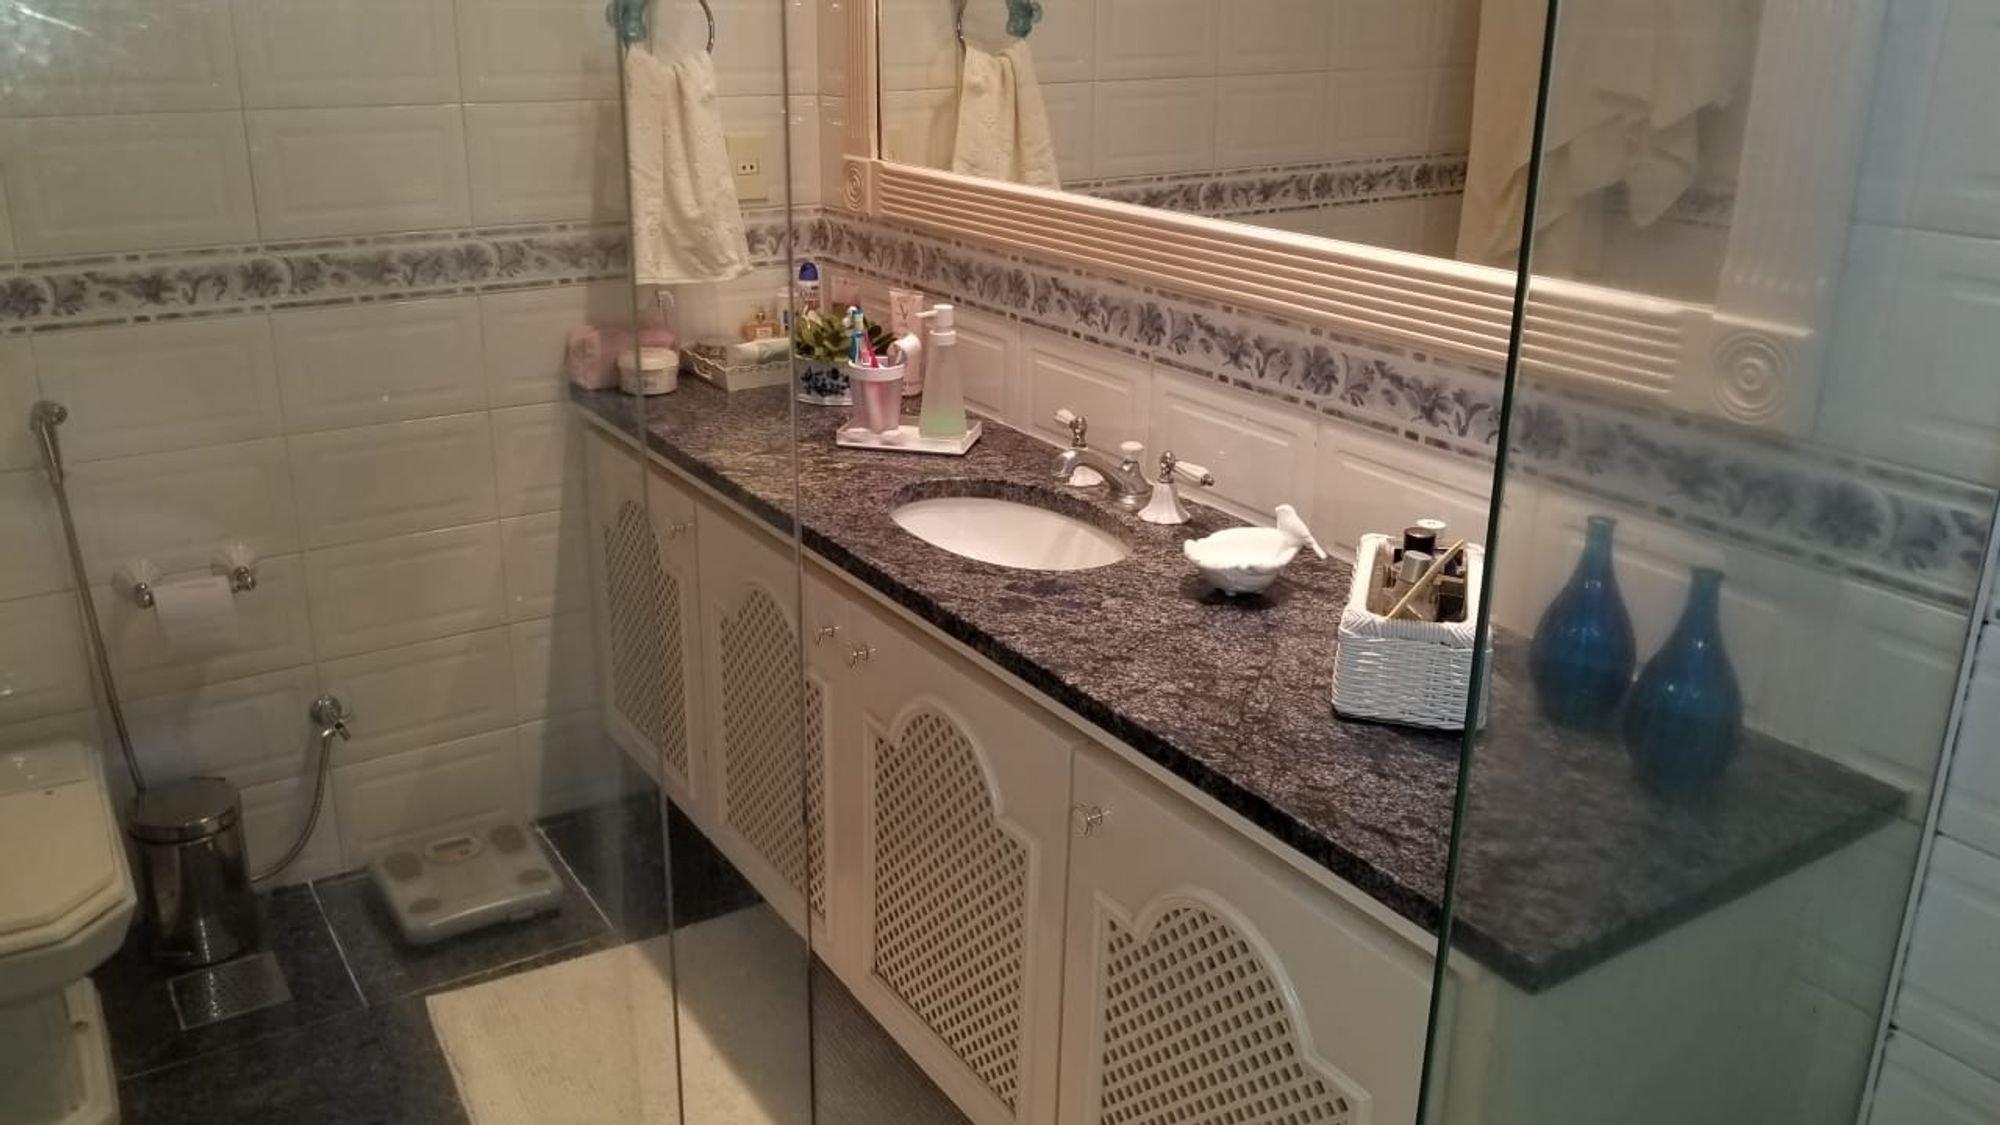 Foto de Banheiro com escova de dente, vaso sanitário, garrafa, tigela, pia, xícara